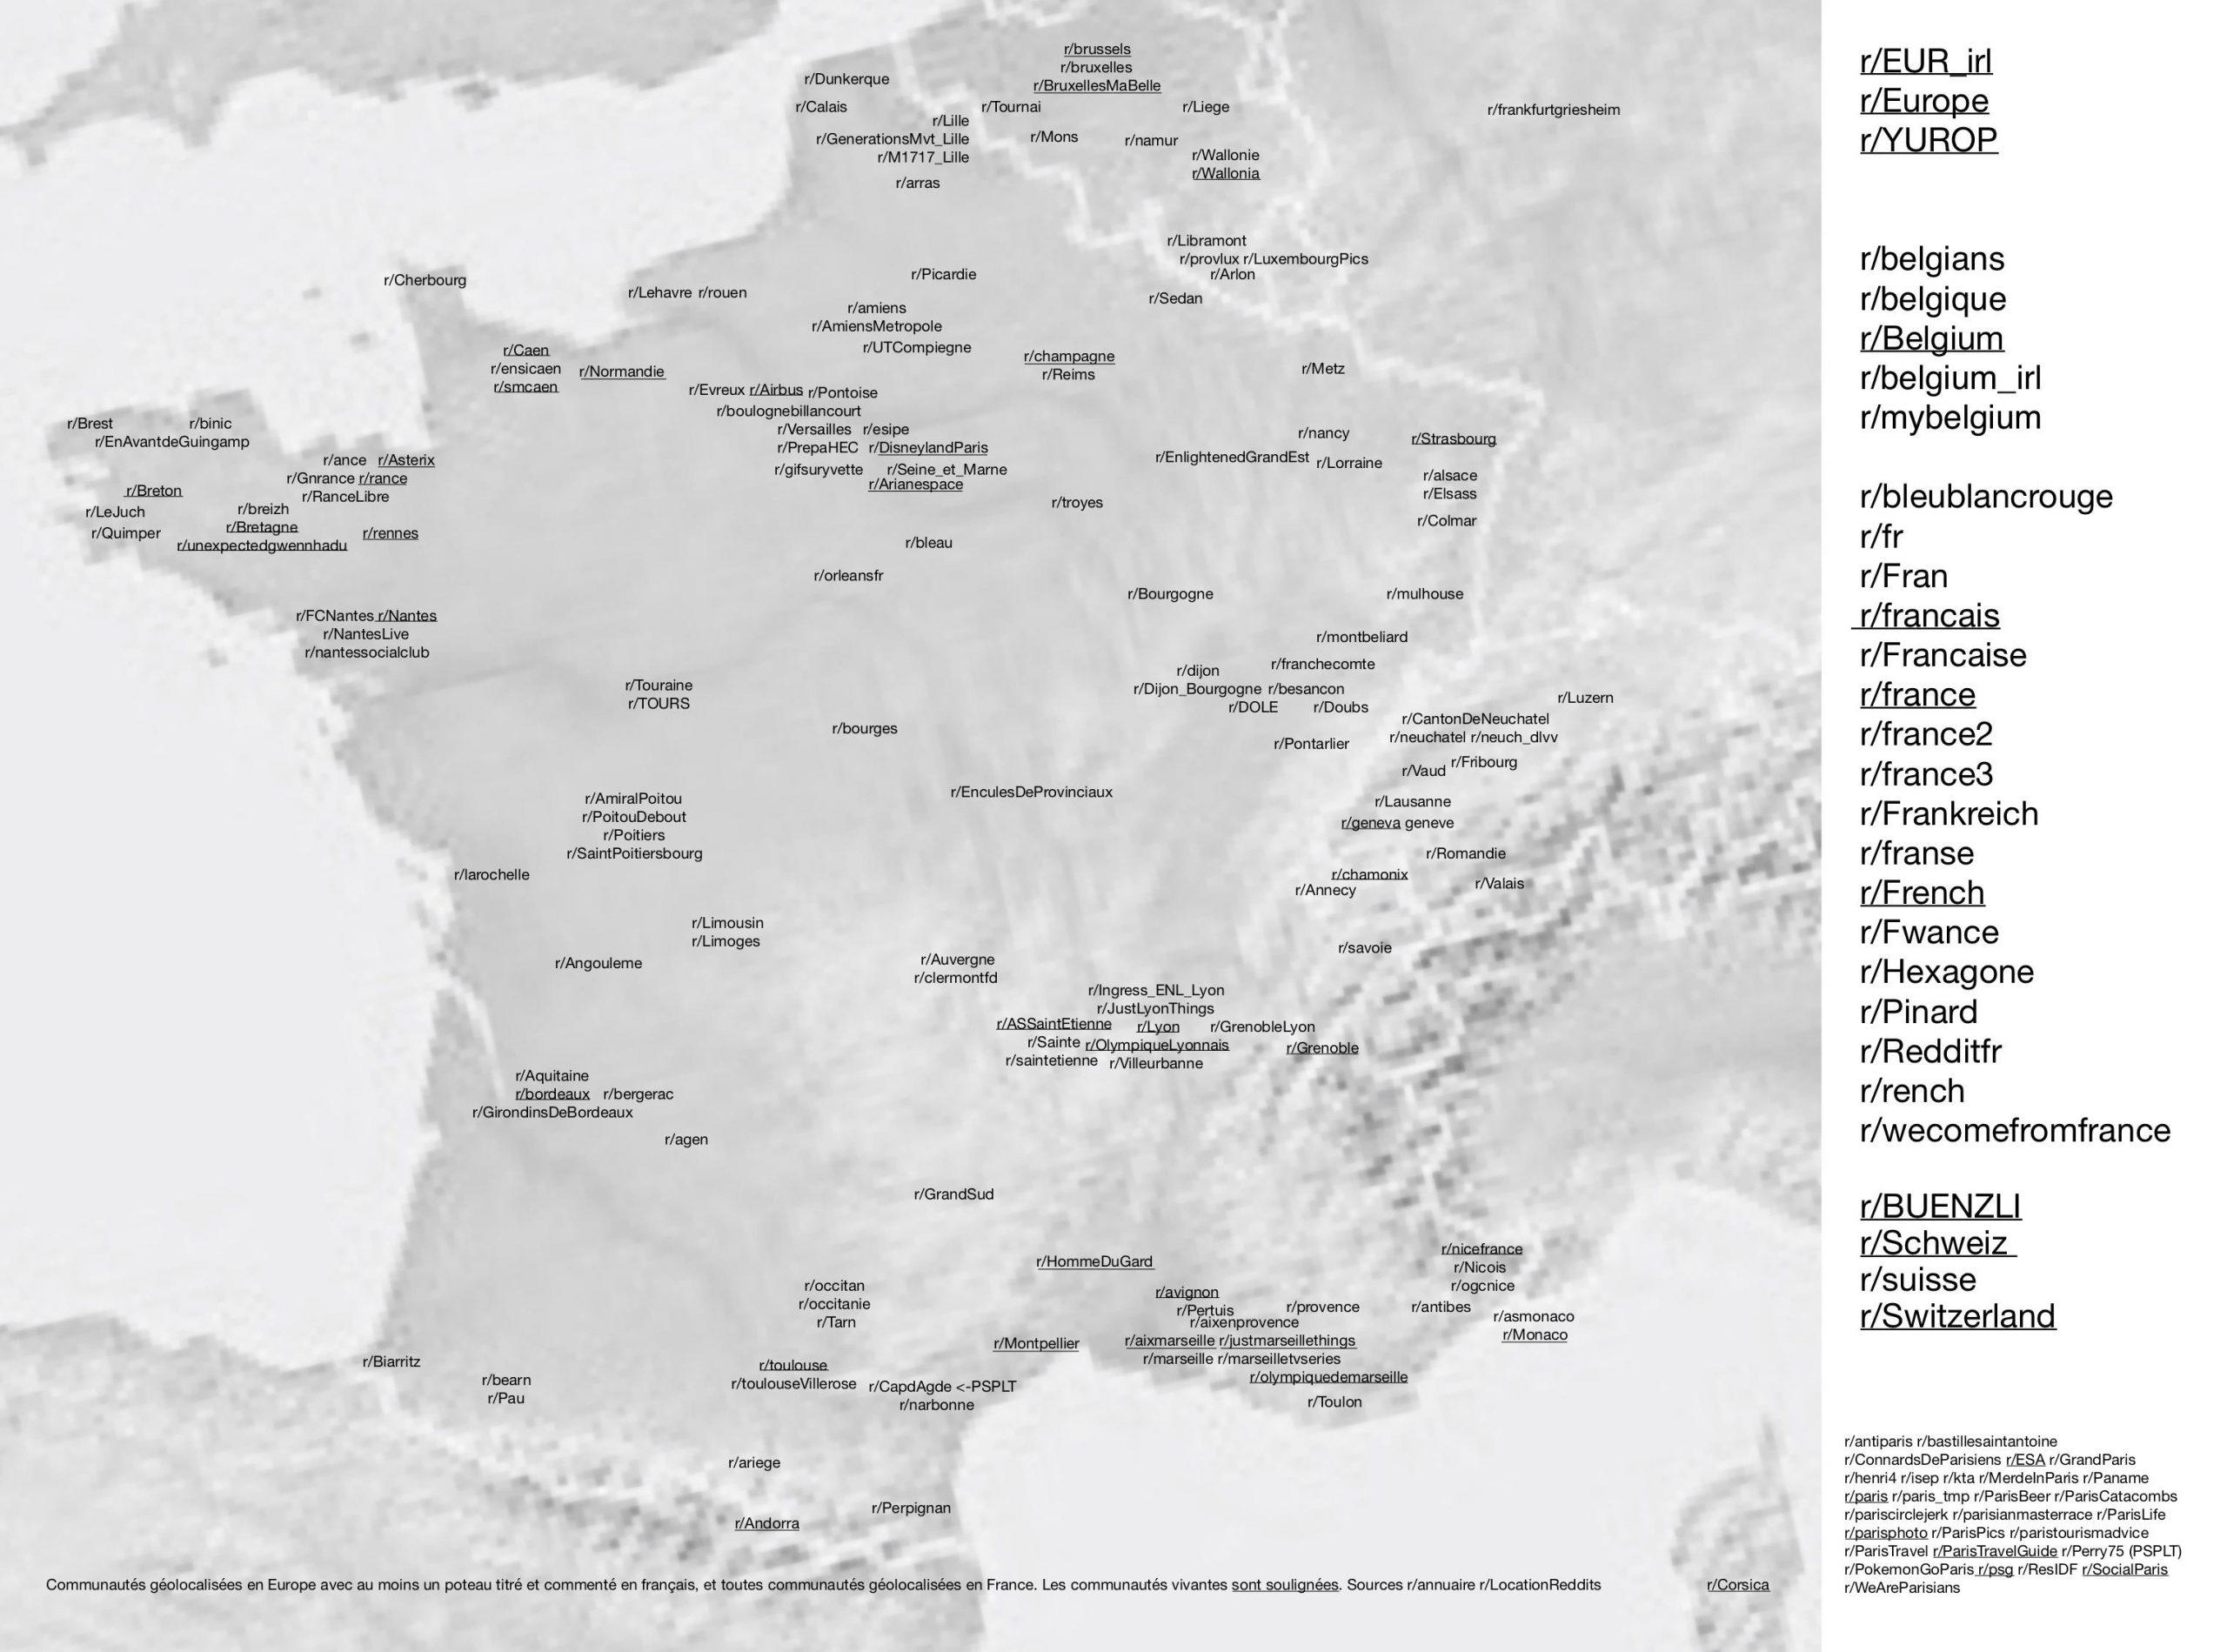 R/lejuch Est Sur La Carte De France : Lejuch dedans Image De La Carte De France